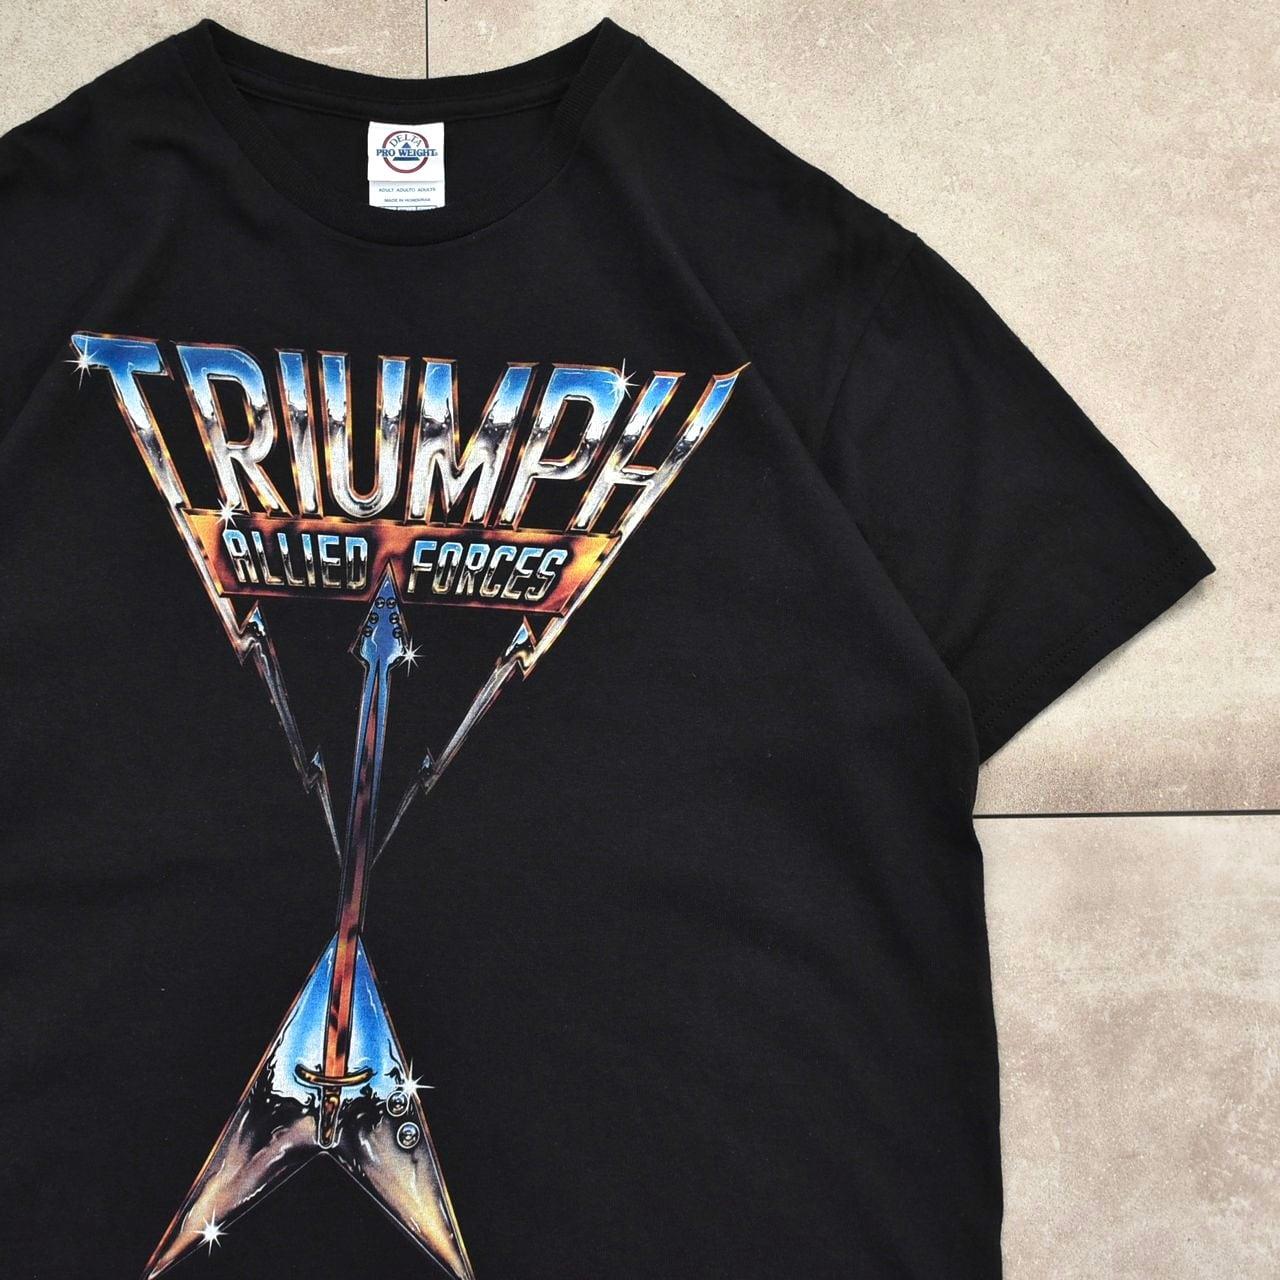 00's DELTA TRIUMPH print rock T-shirt